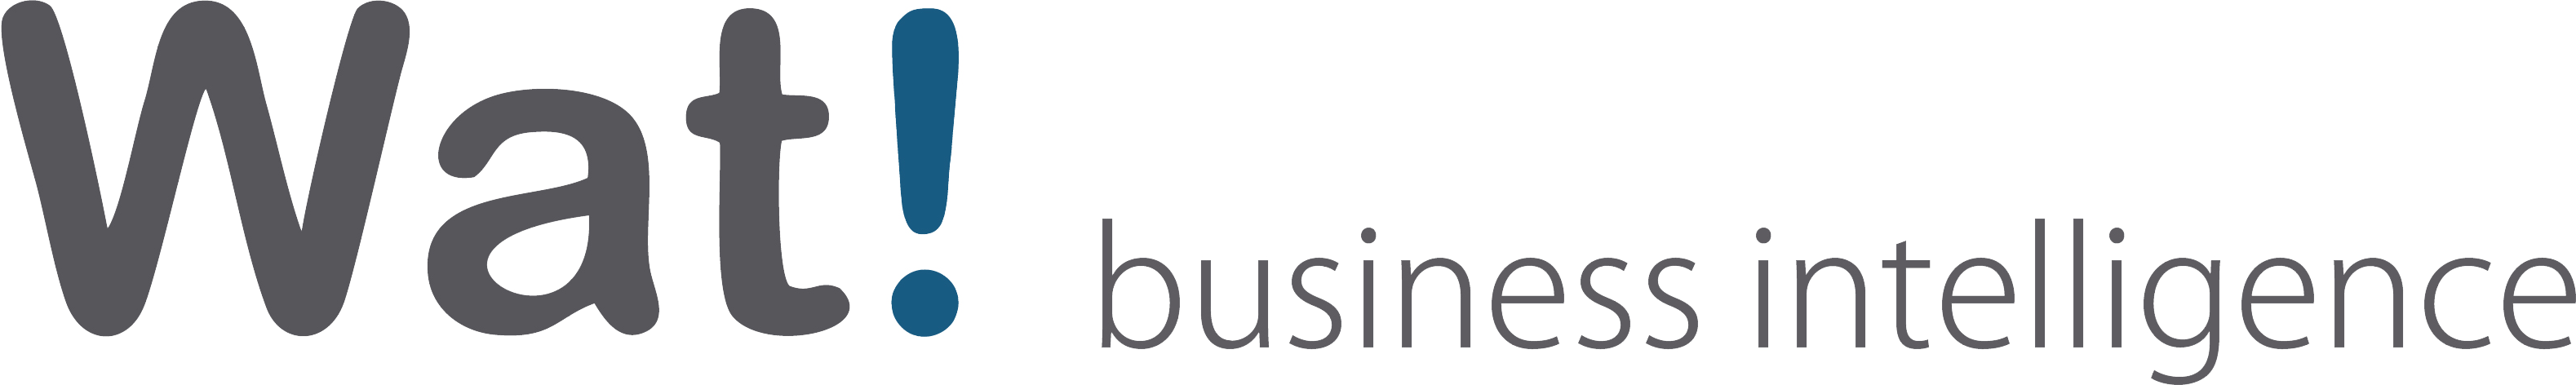 AZUL_BUSINTELL-01